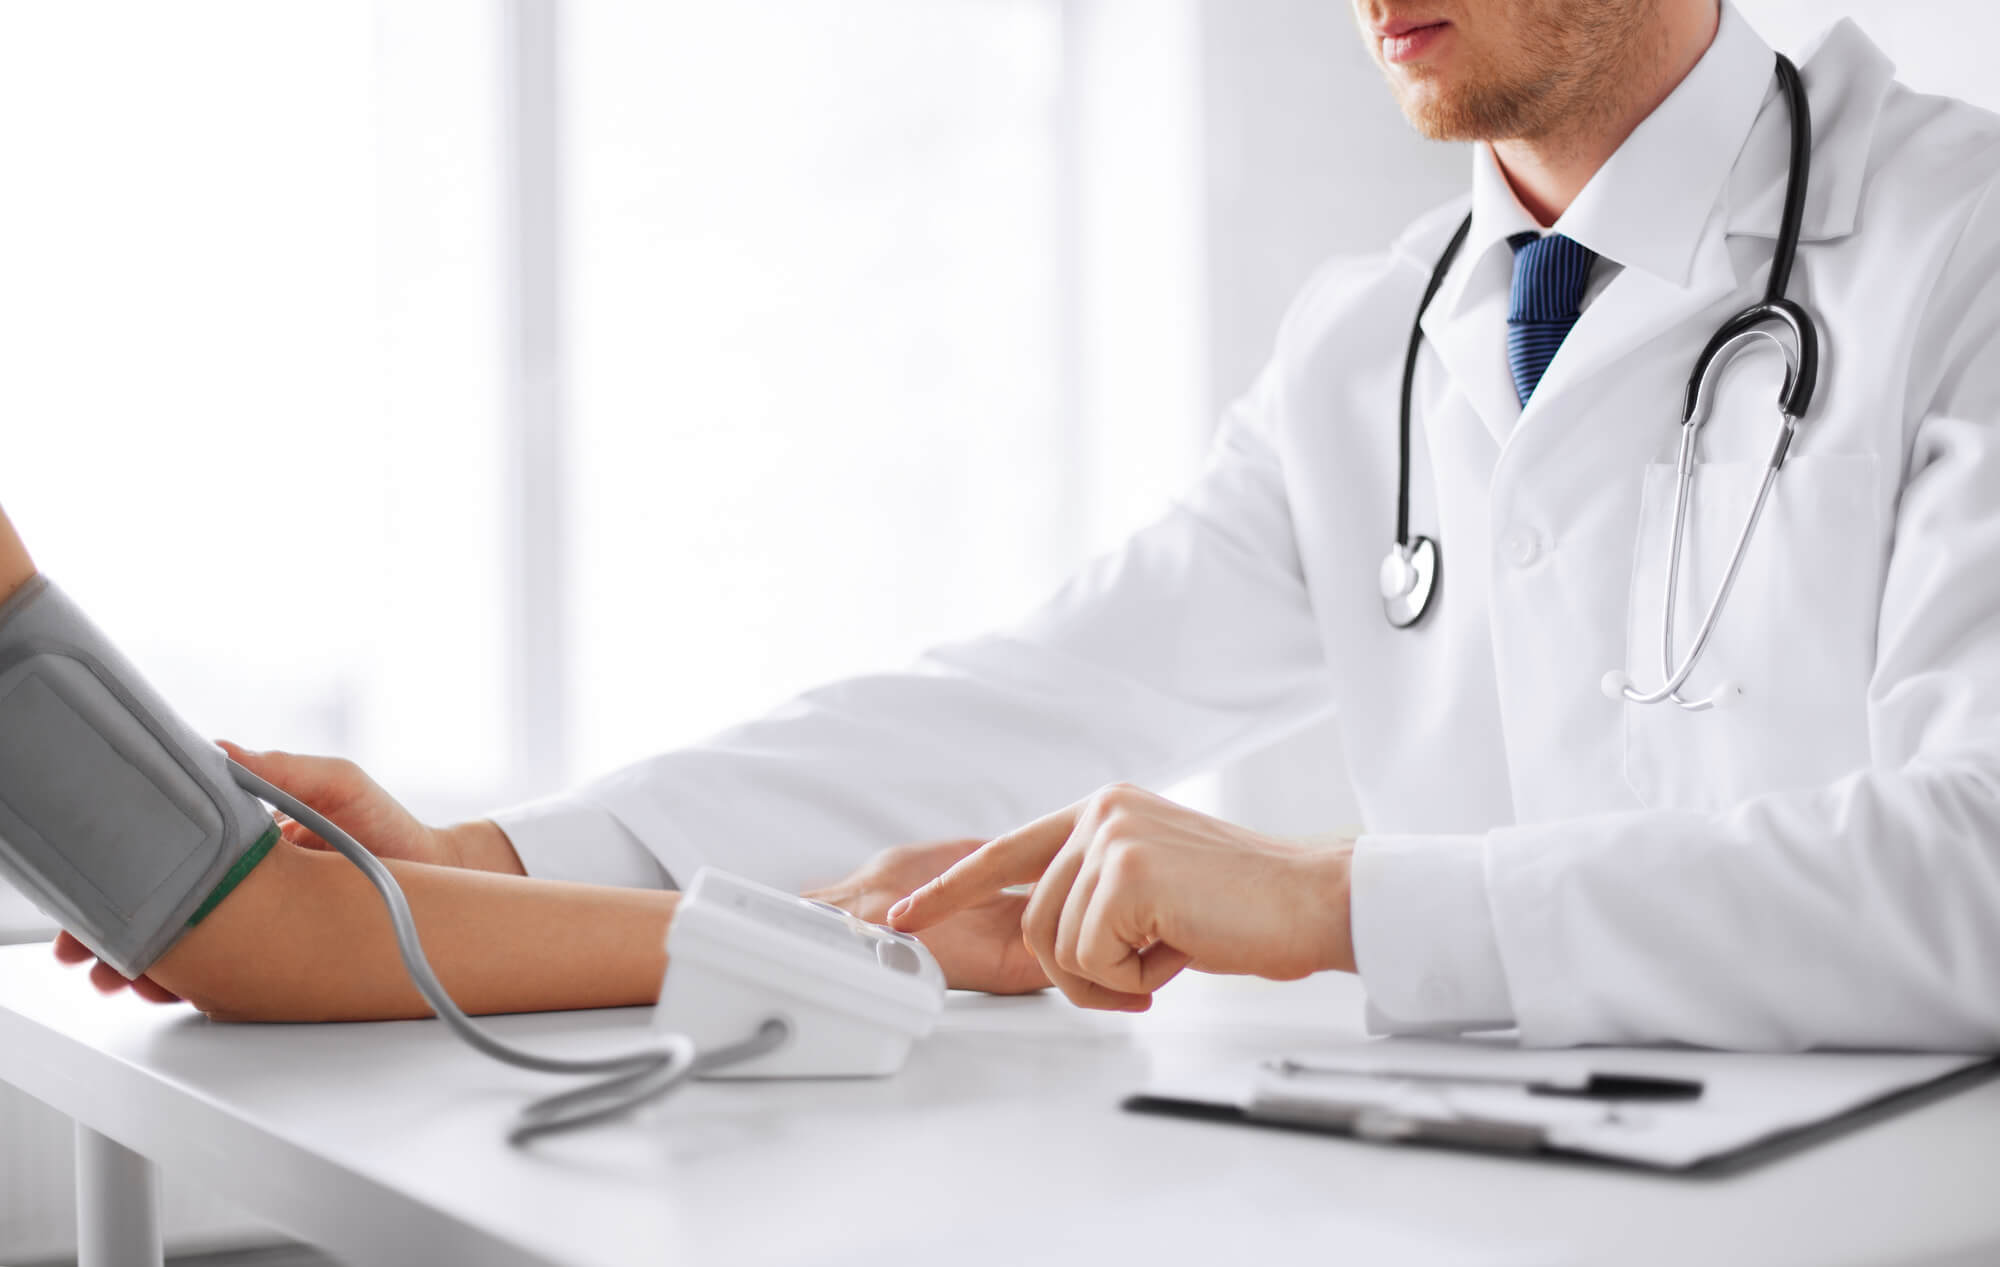 Você sabe como requerer a indenização por doença ocupacional? Leia nesse artigo!